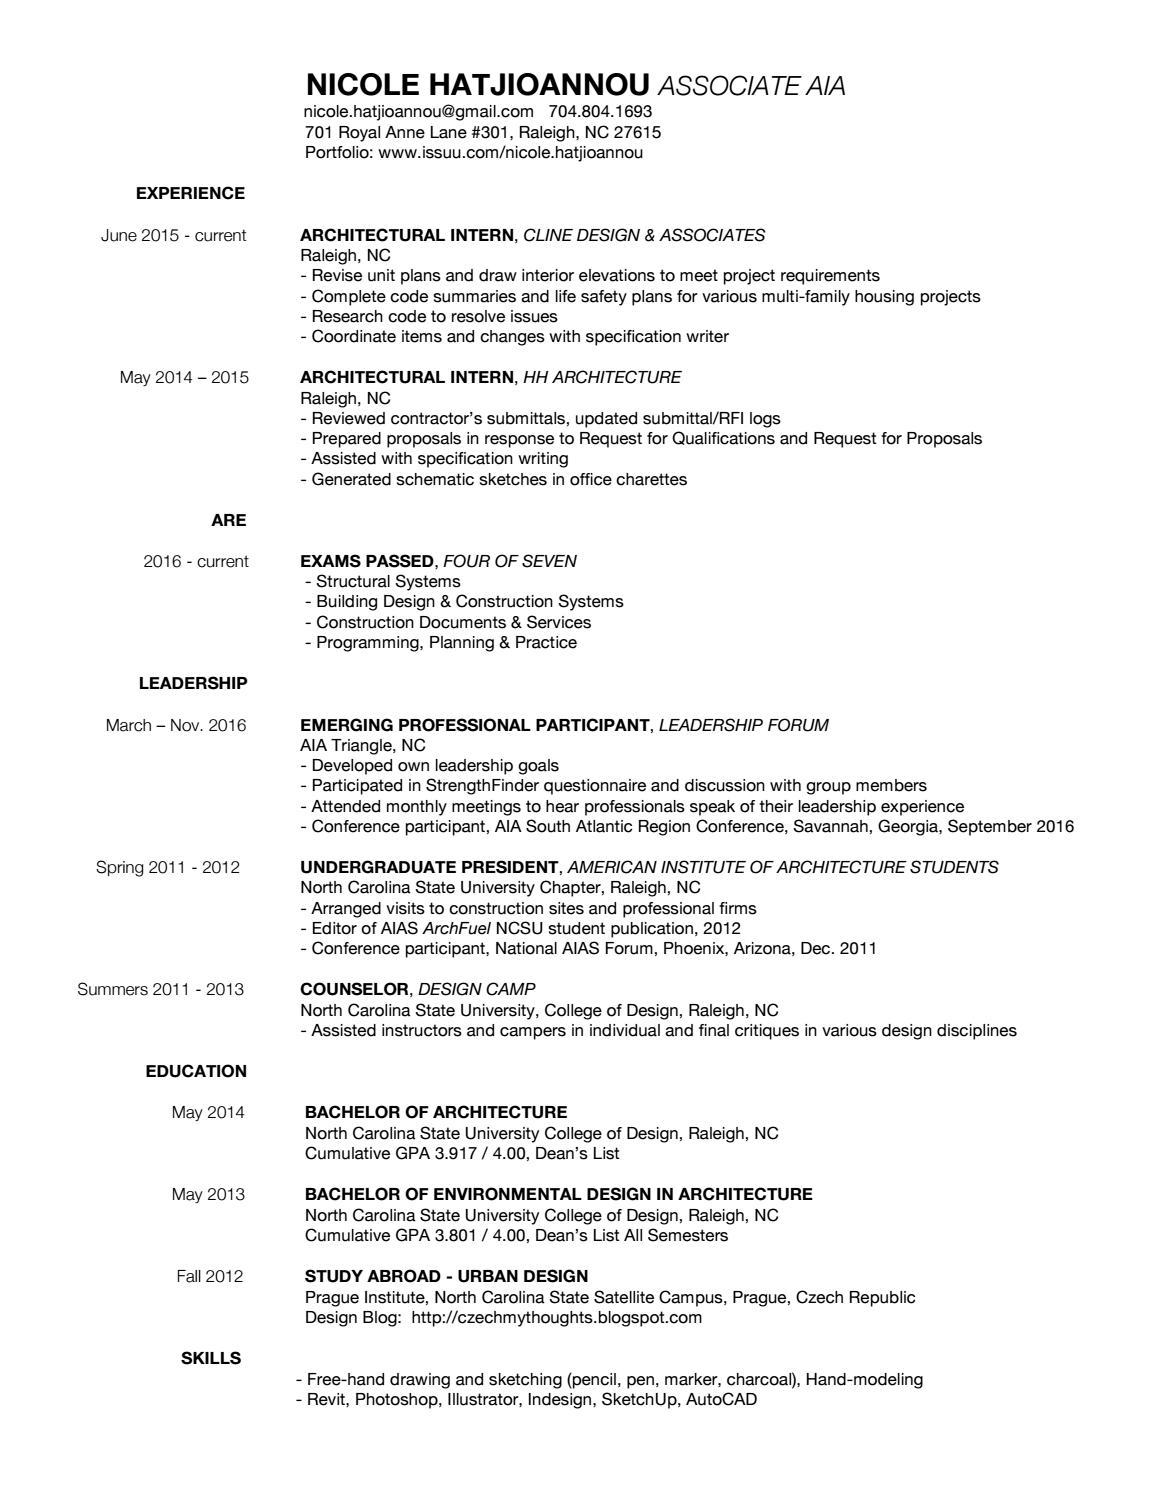 nicole hatjioannou resume by nicole hatjioannou